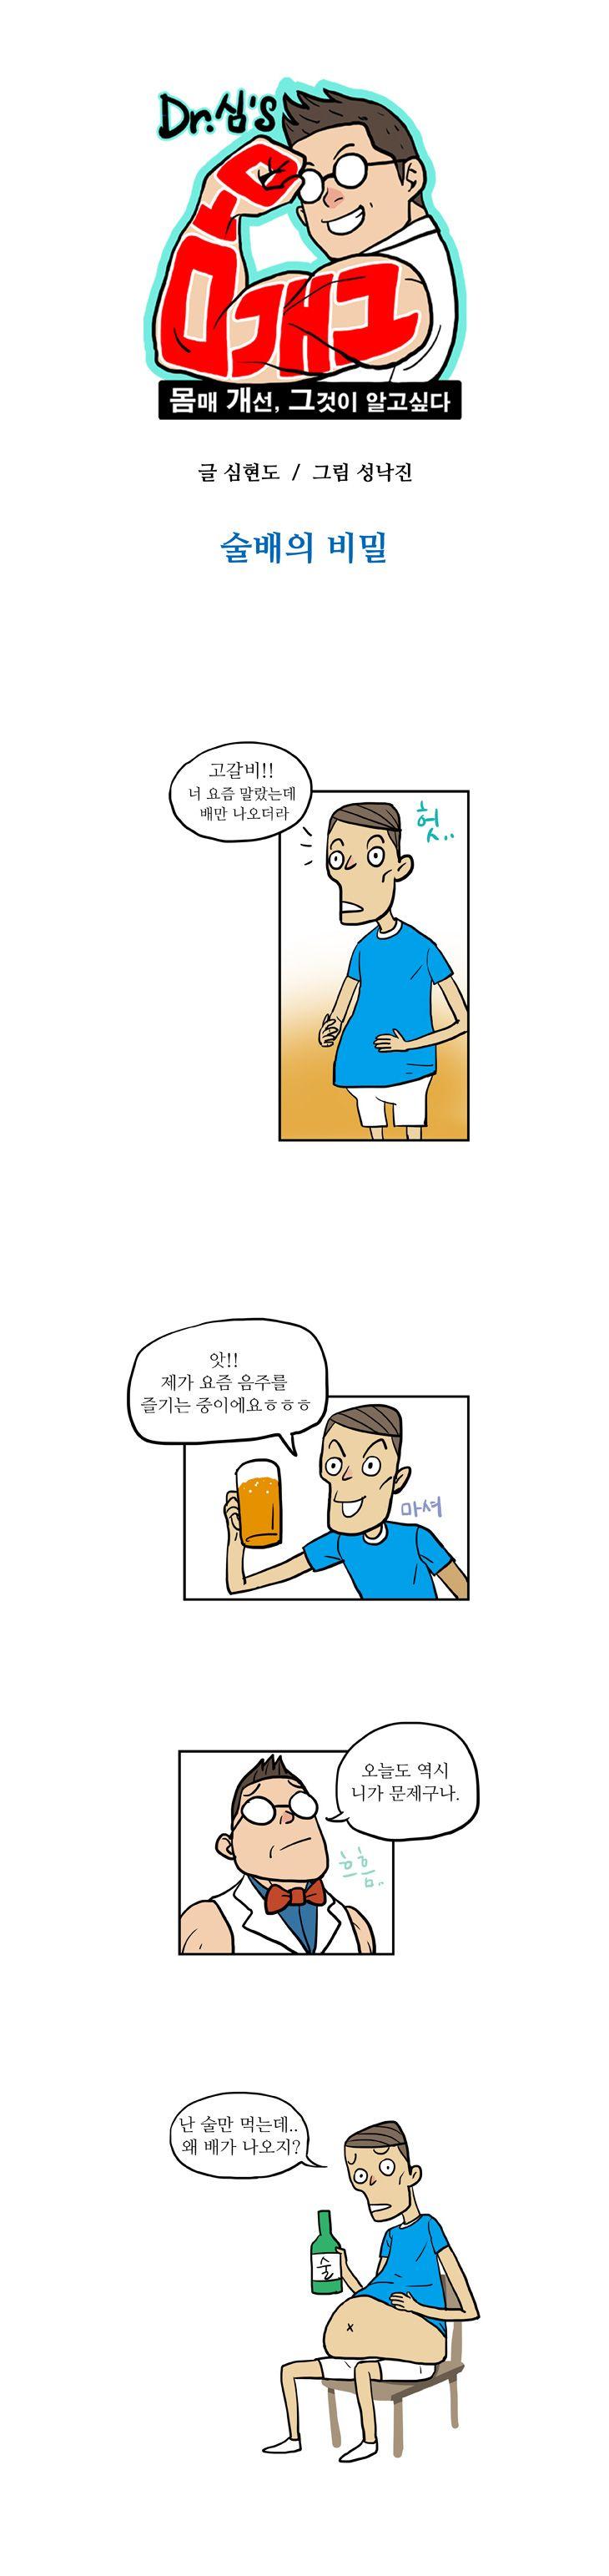 5화, 술만 먹는데 왜 배가 나올까?